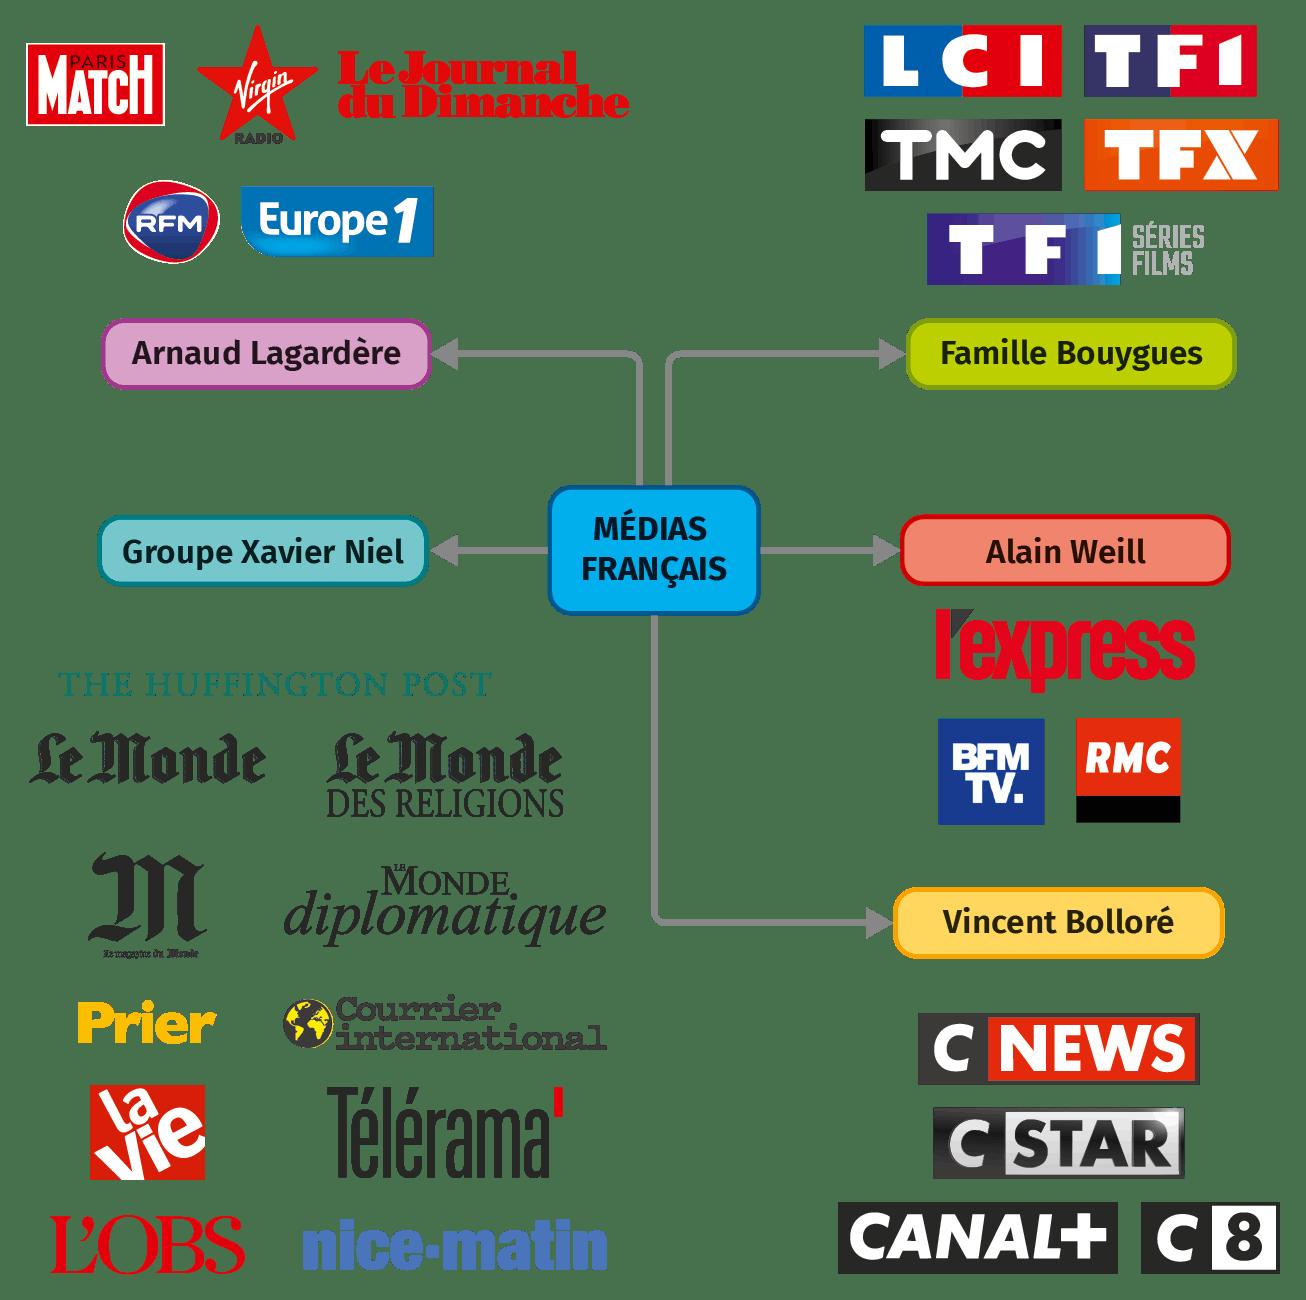 En France, quelques millionnaires possèdent la plupart  des médias